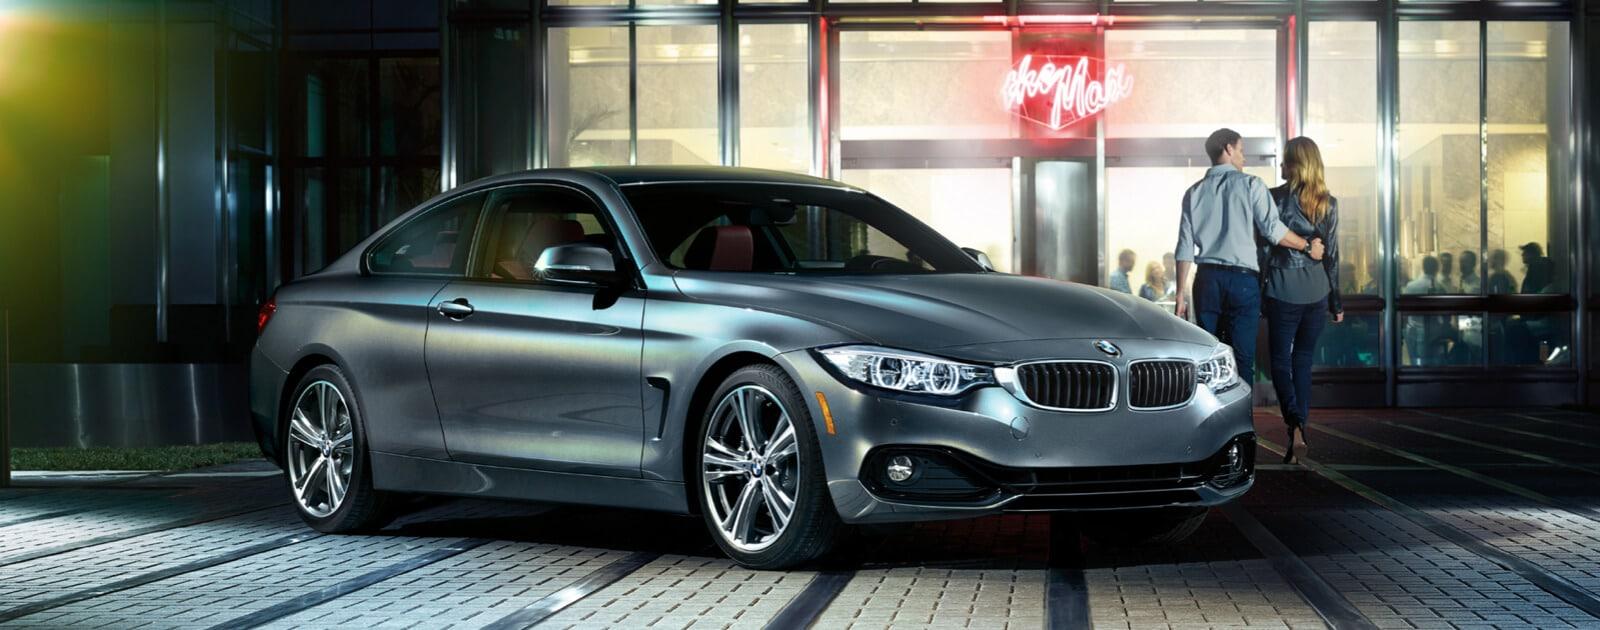 Fields BMW Orlando